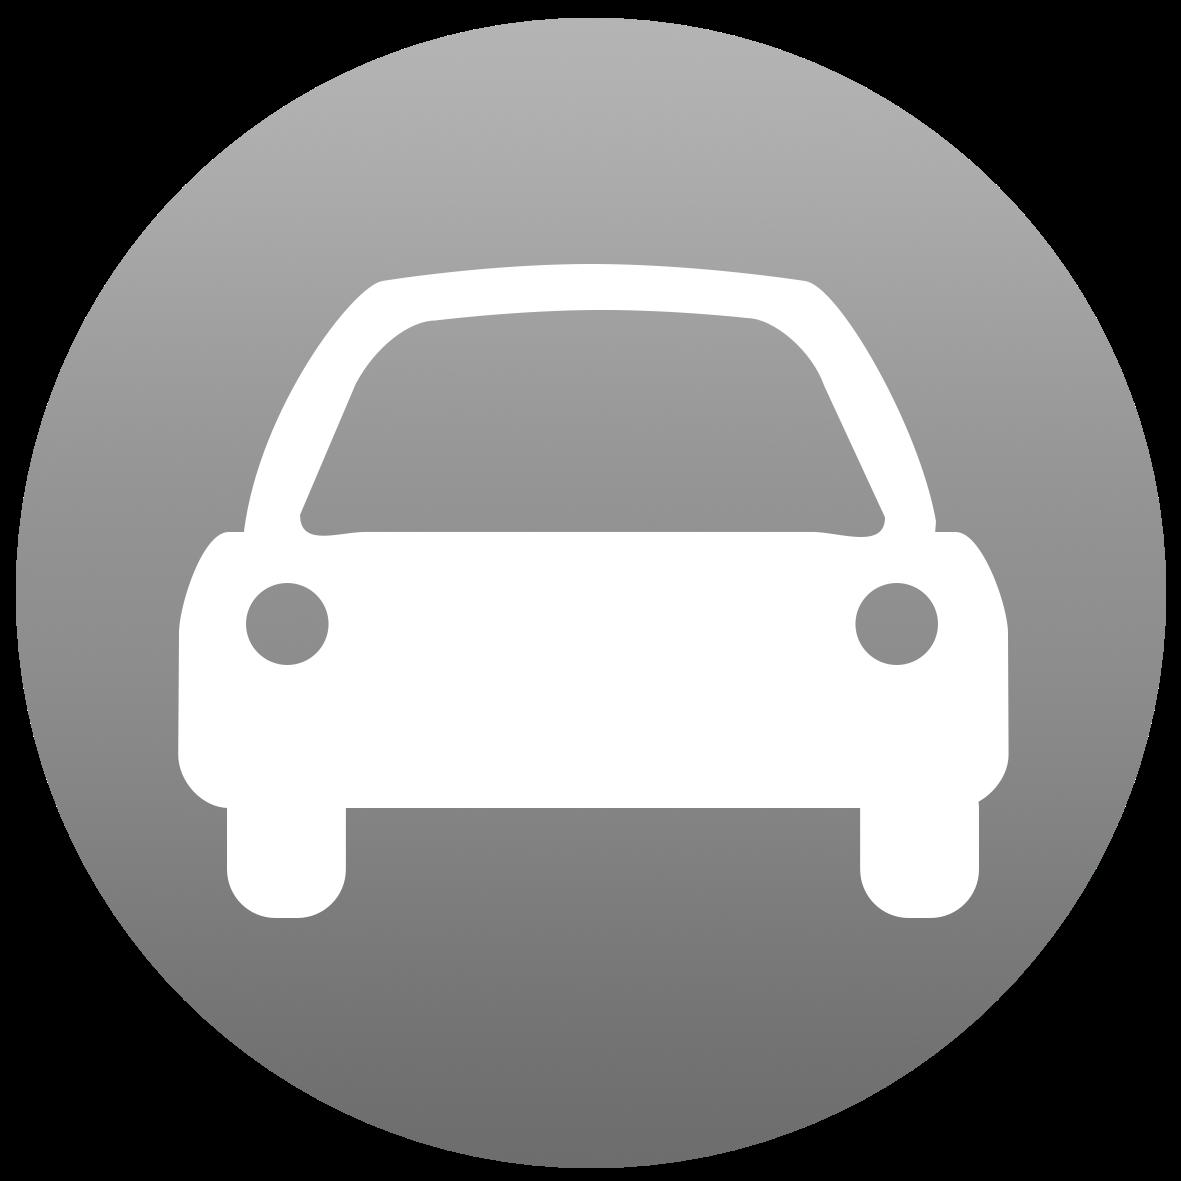 VehiclesLogo